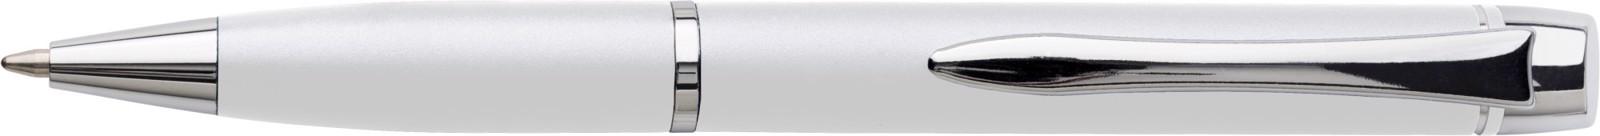 Metal ballpen - White